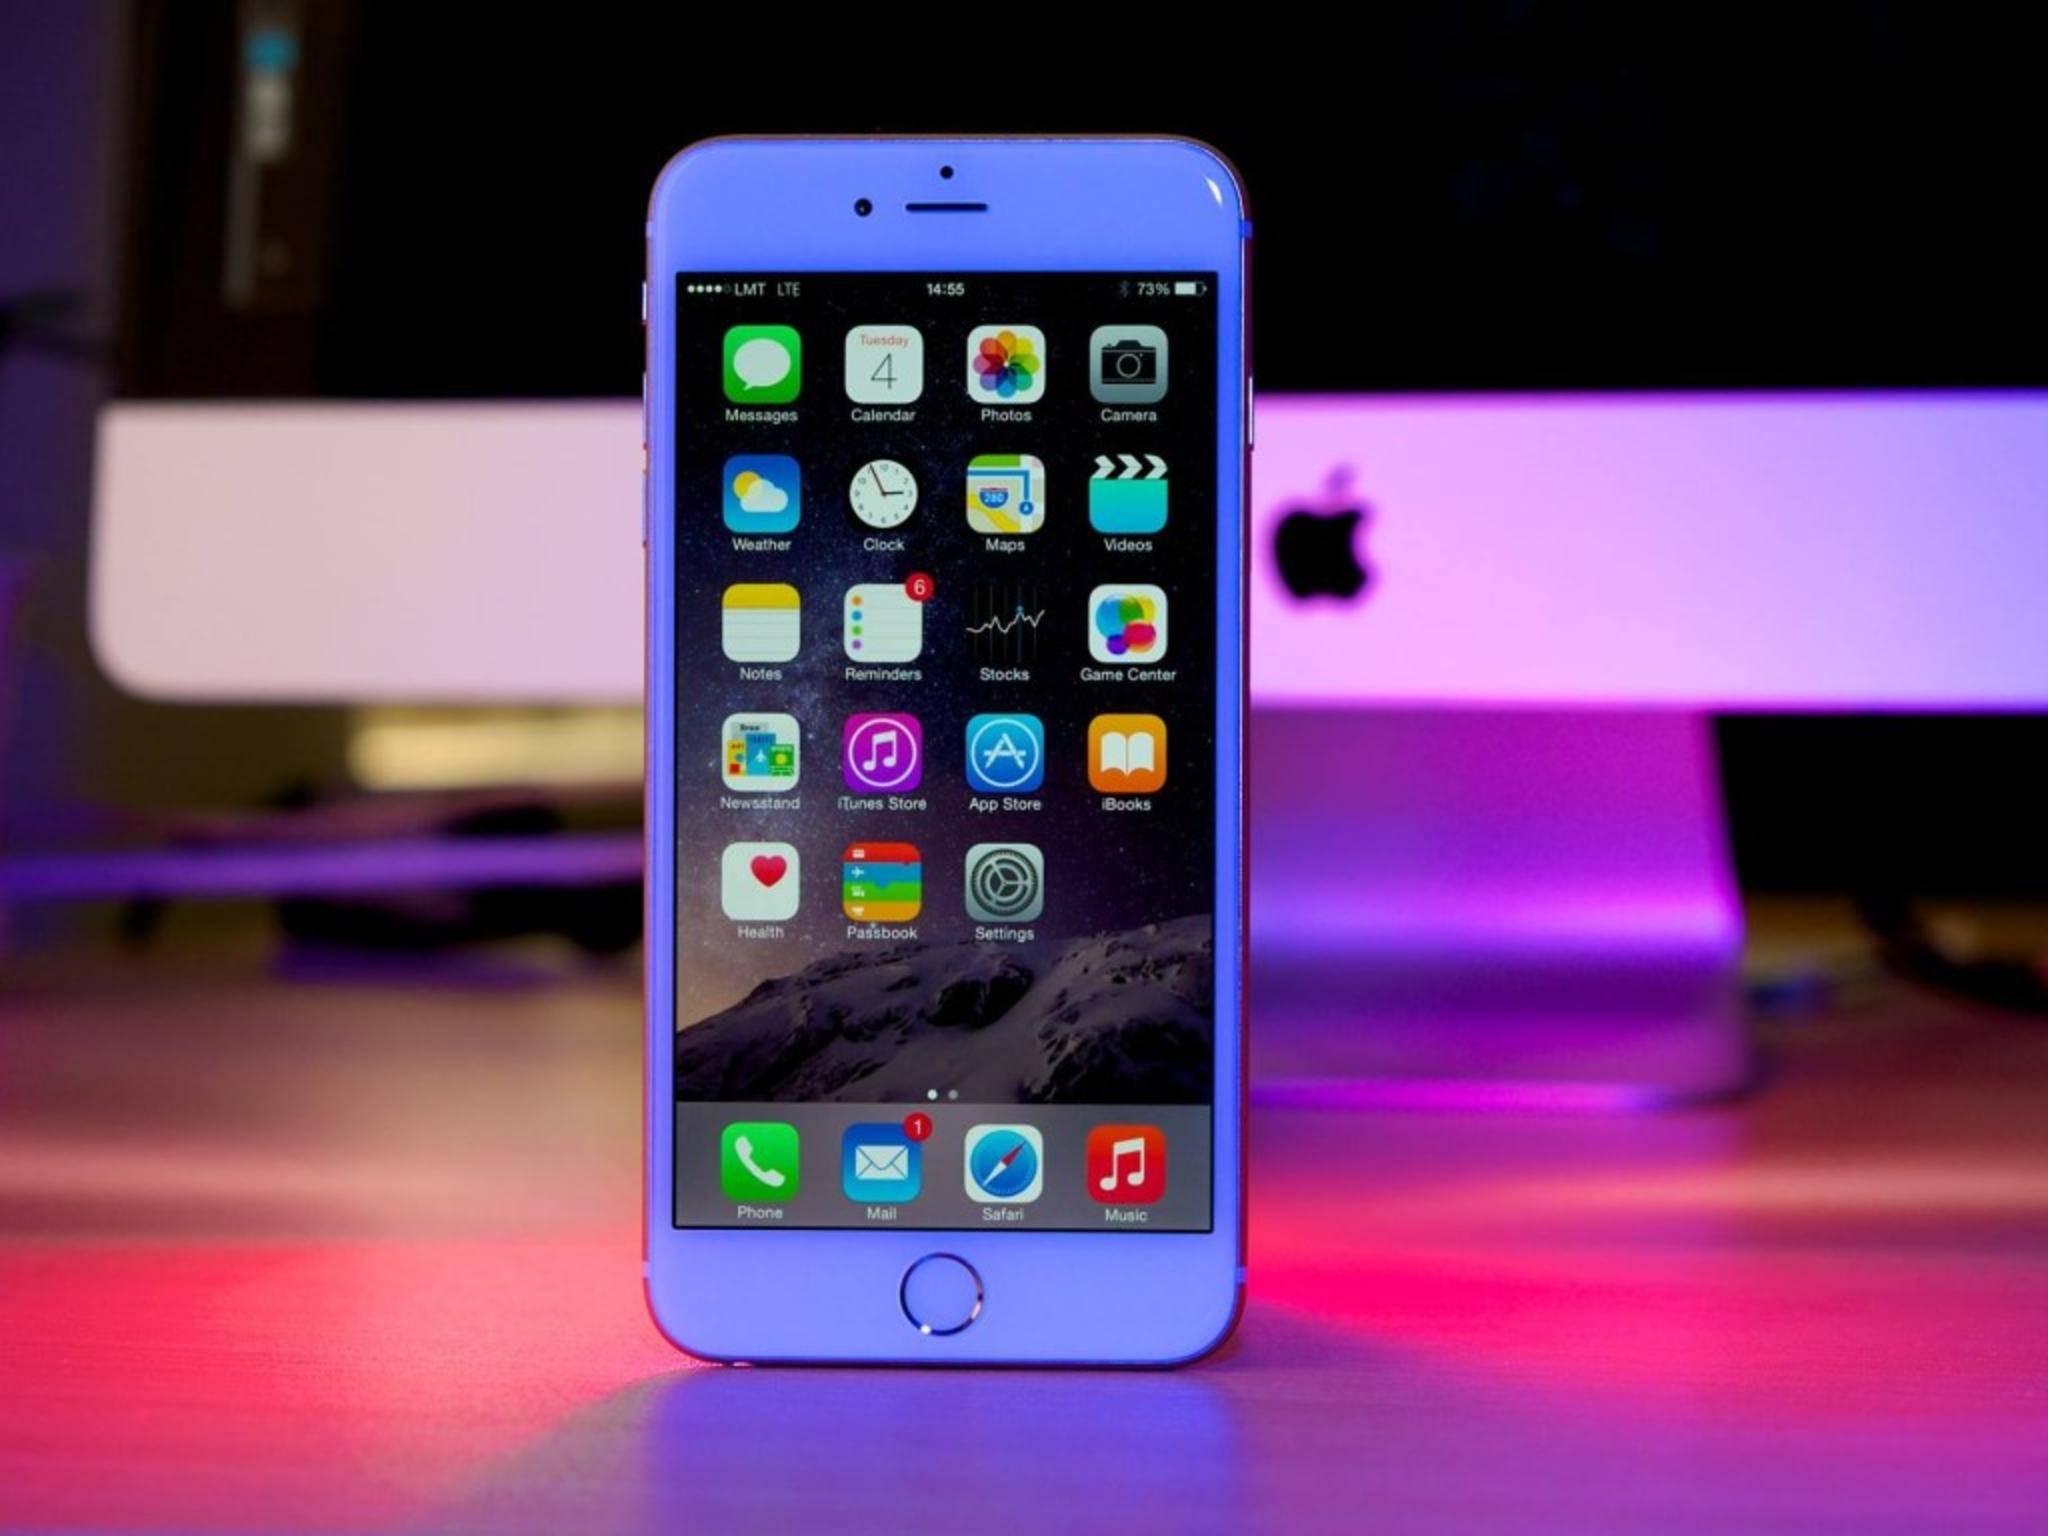 Das iPhone 6 dient künftig mancherorts als Austausch-Gerät.